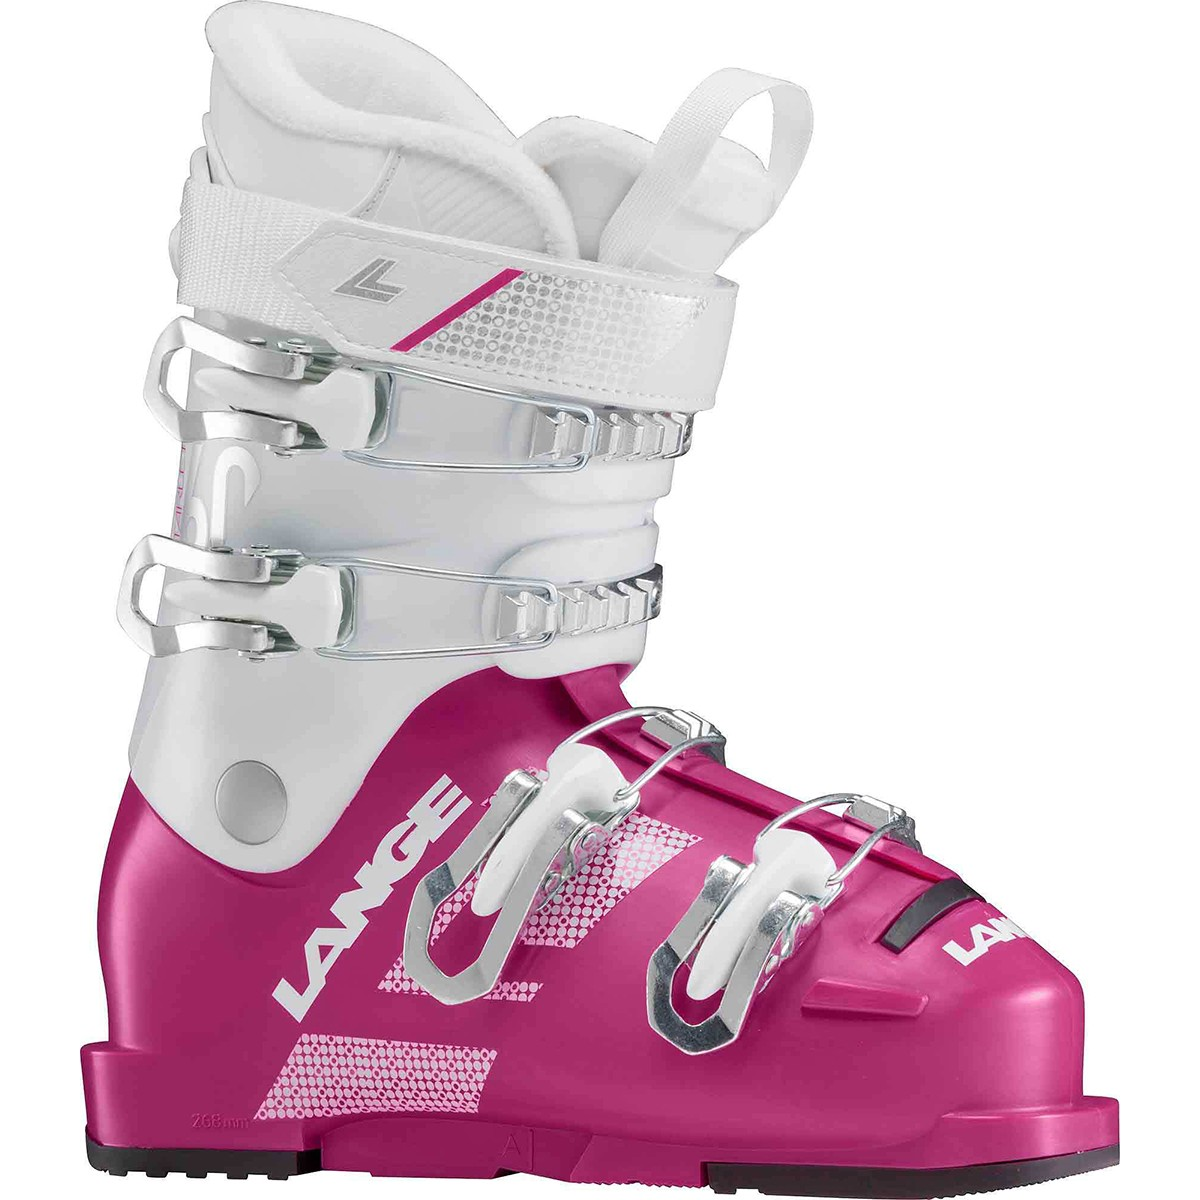 Júnior Bottero Júnior Ski Júnior Bottero Botas Botas Ski Ski Botas 8vwEaq